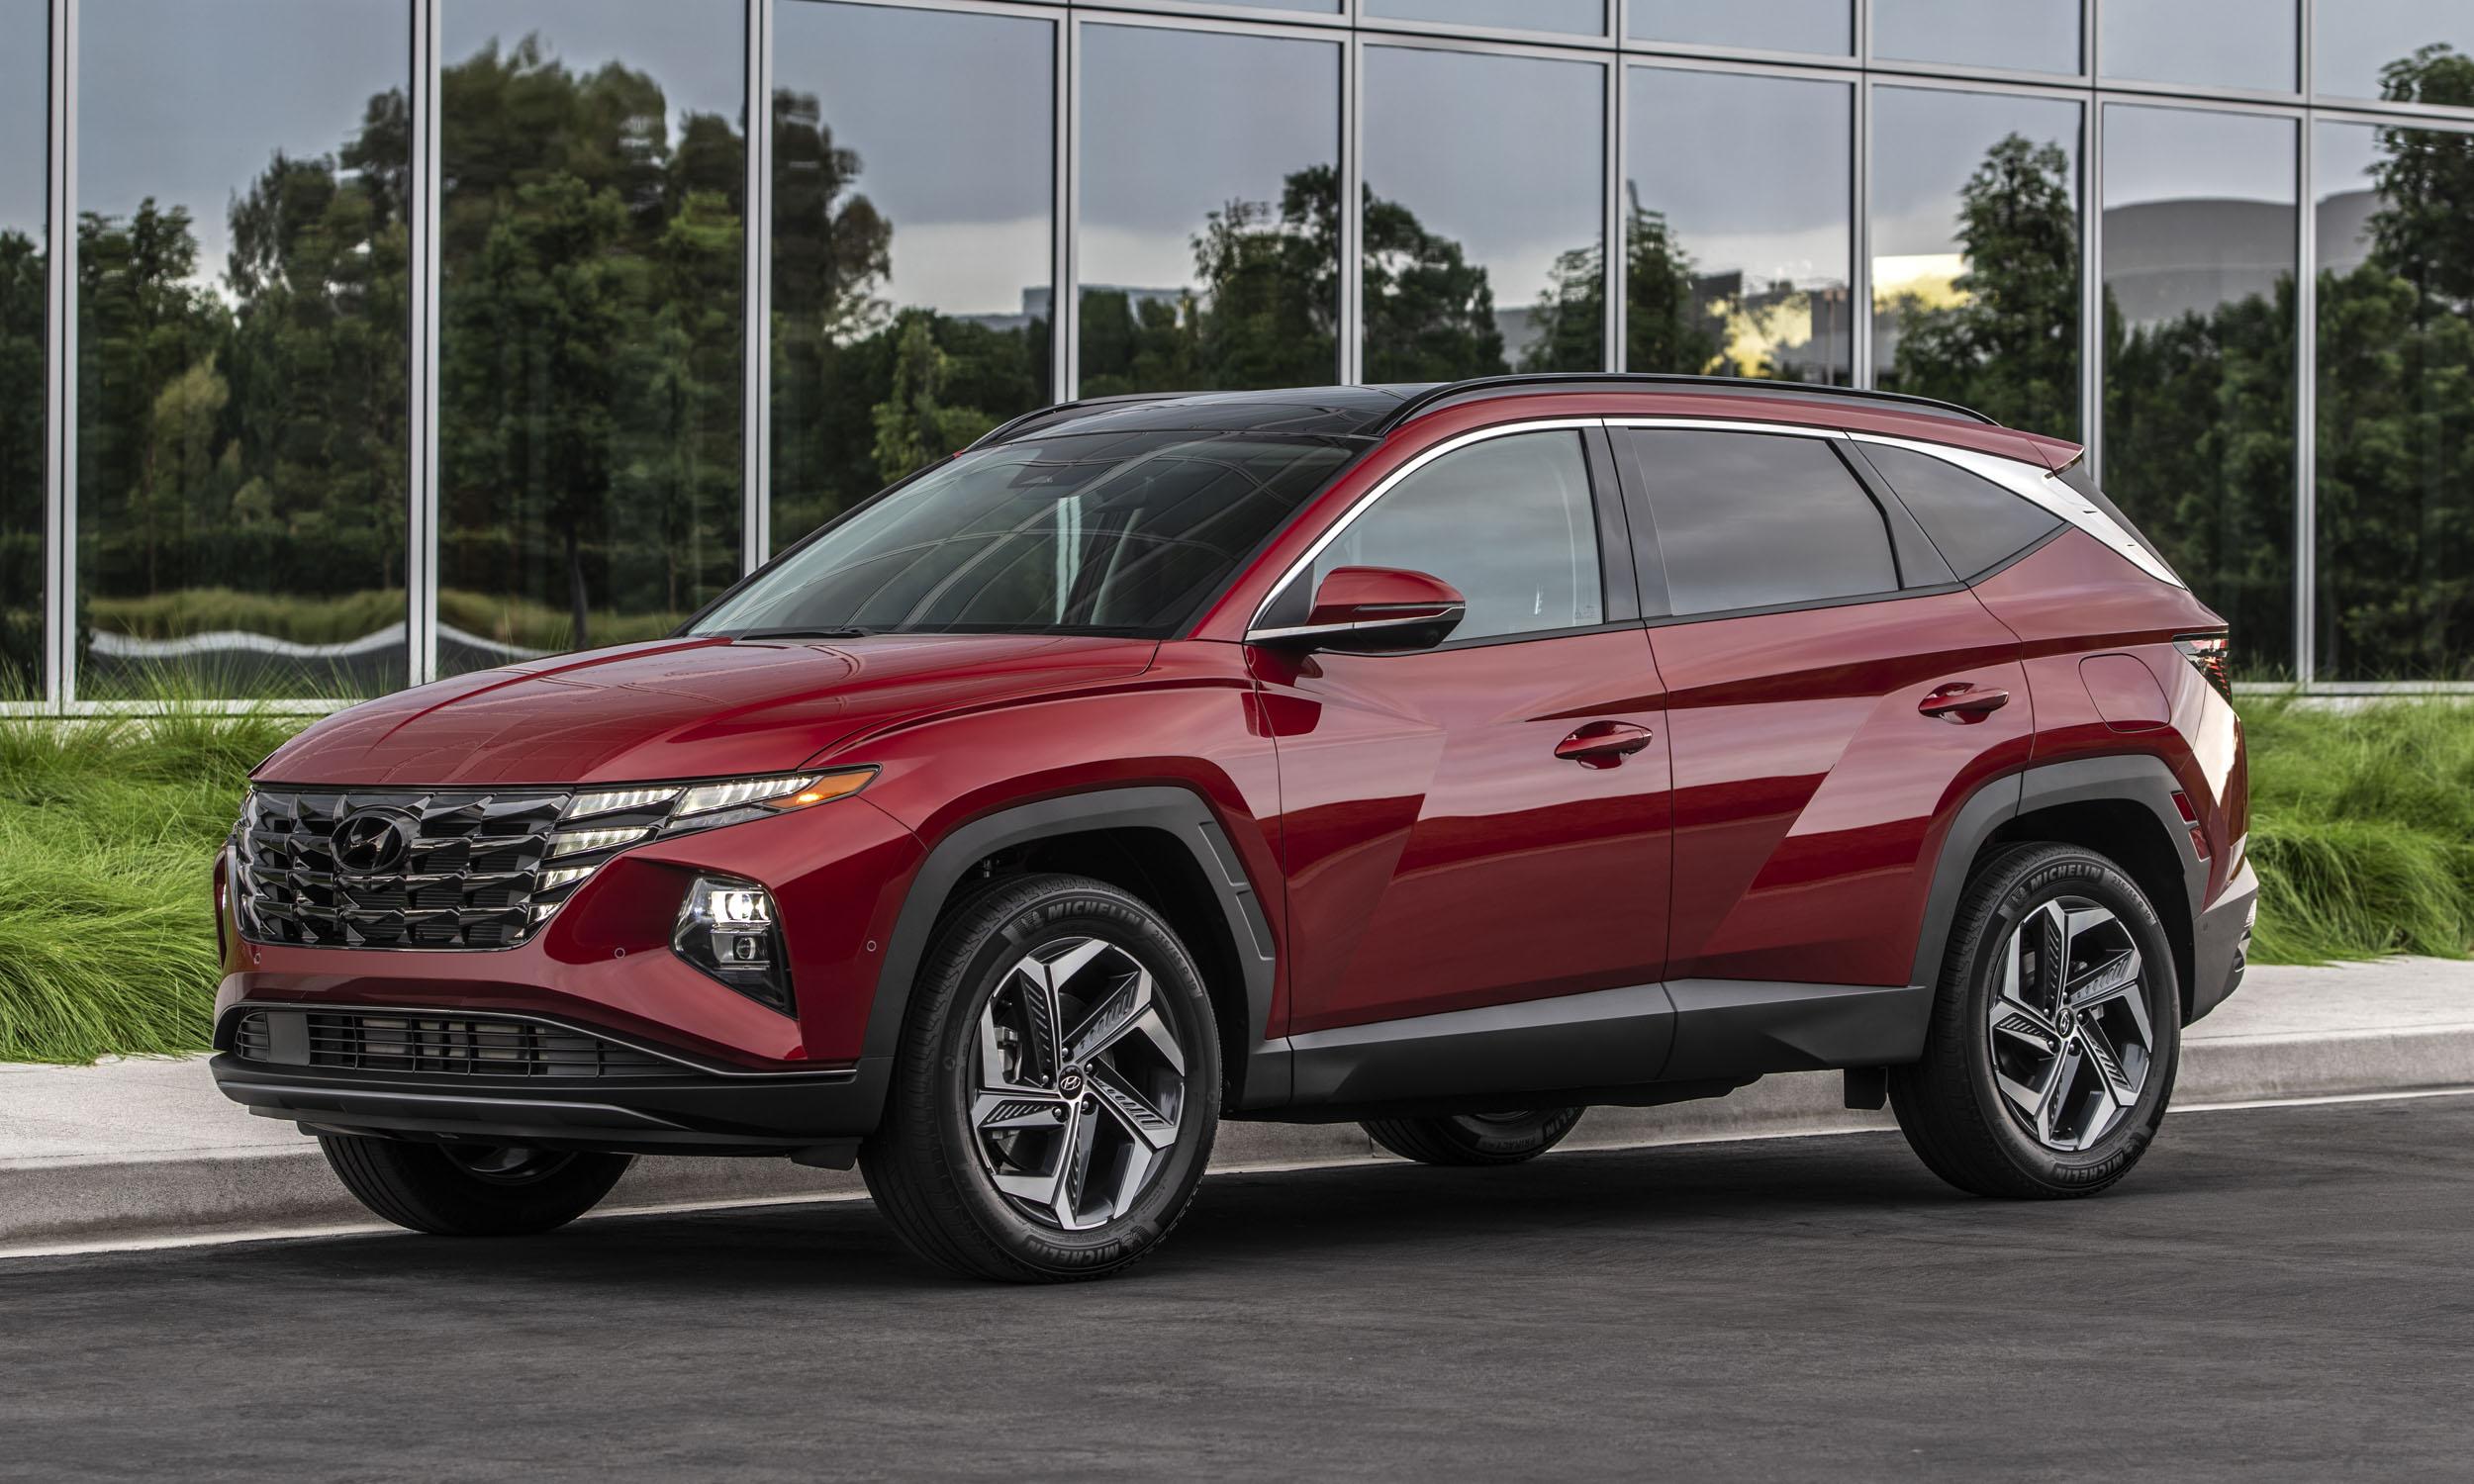 2022 Hyundai Tucson First Looknbsp